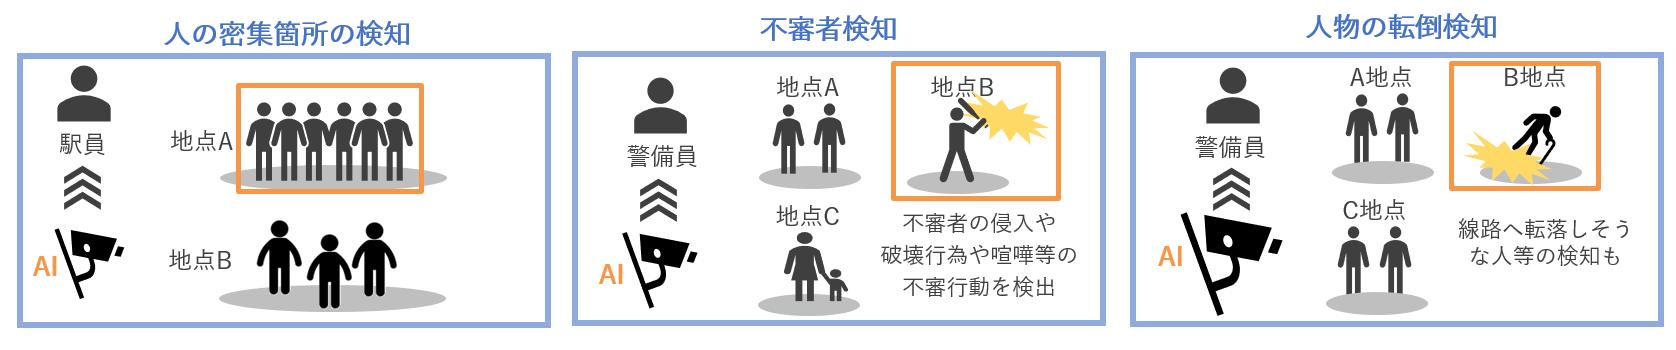 運輸業におけるAI活用